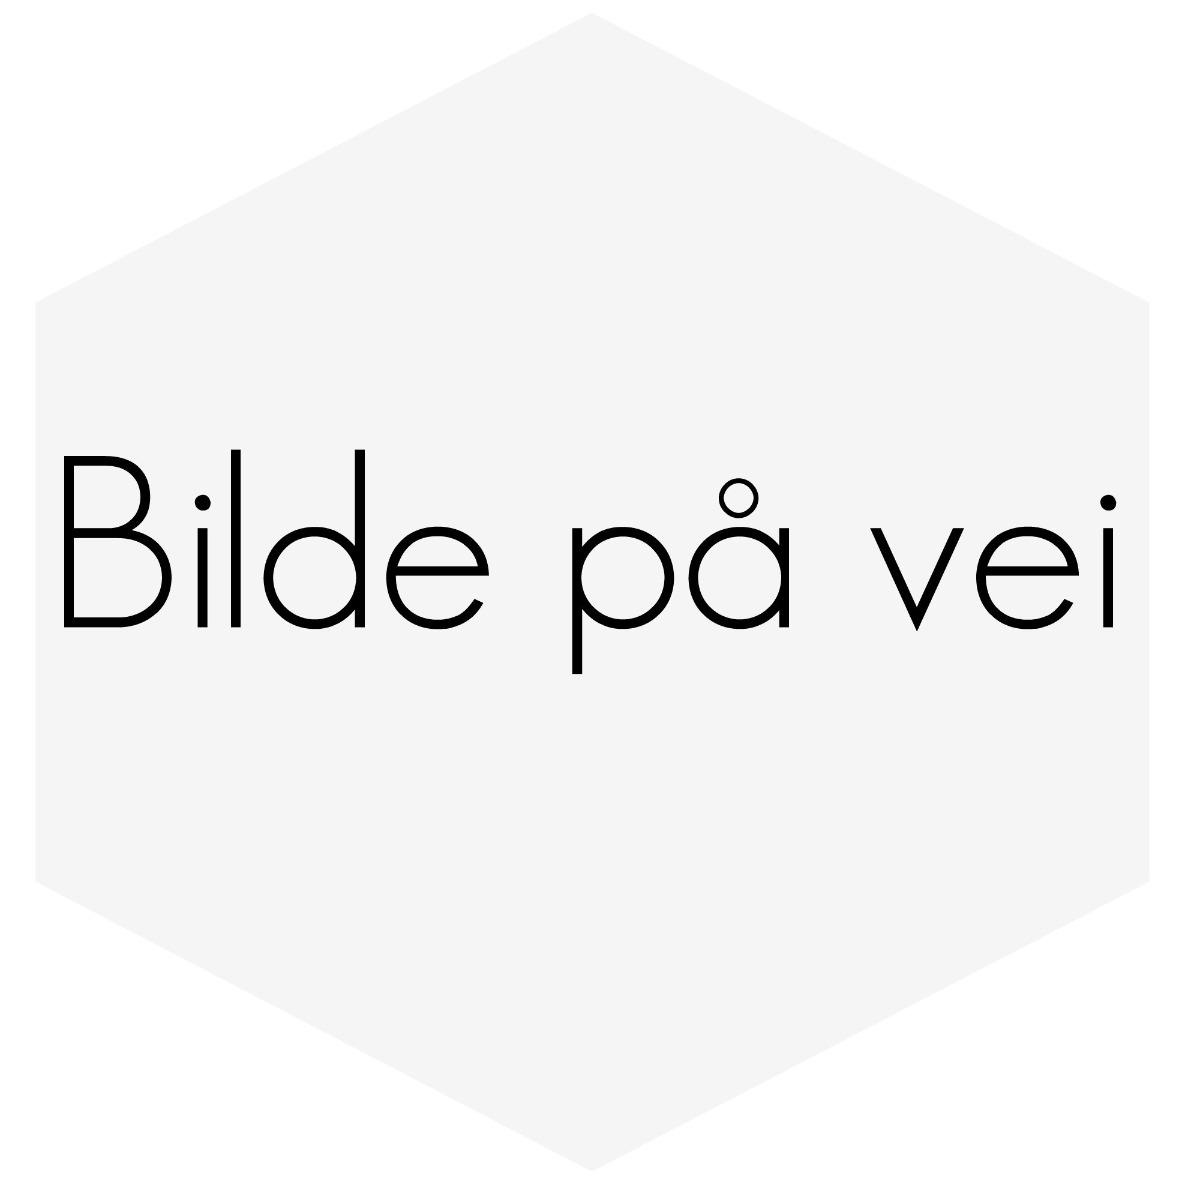 KAMAKSEL B18/B20>76 NOE STERKERE EN D OG K,11.1LØFT,280'DUR